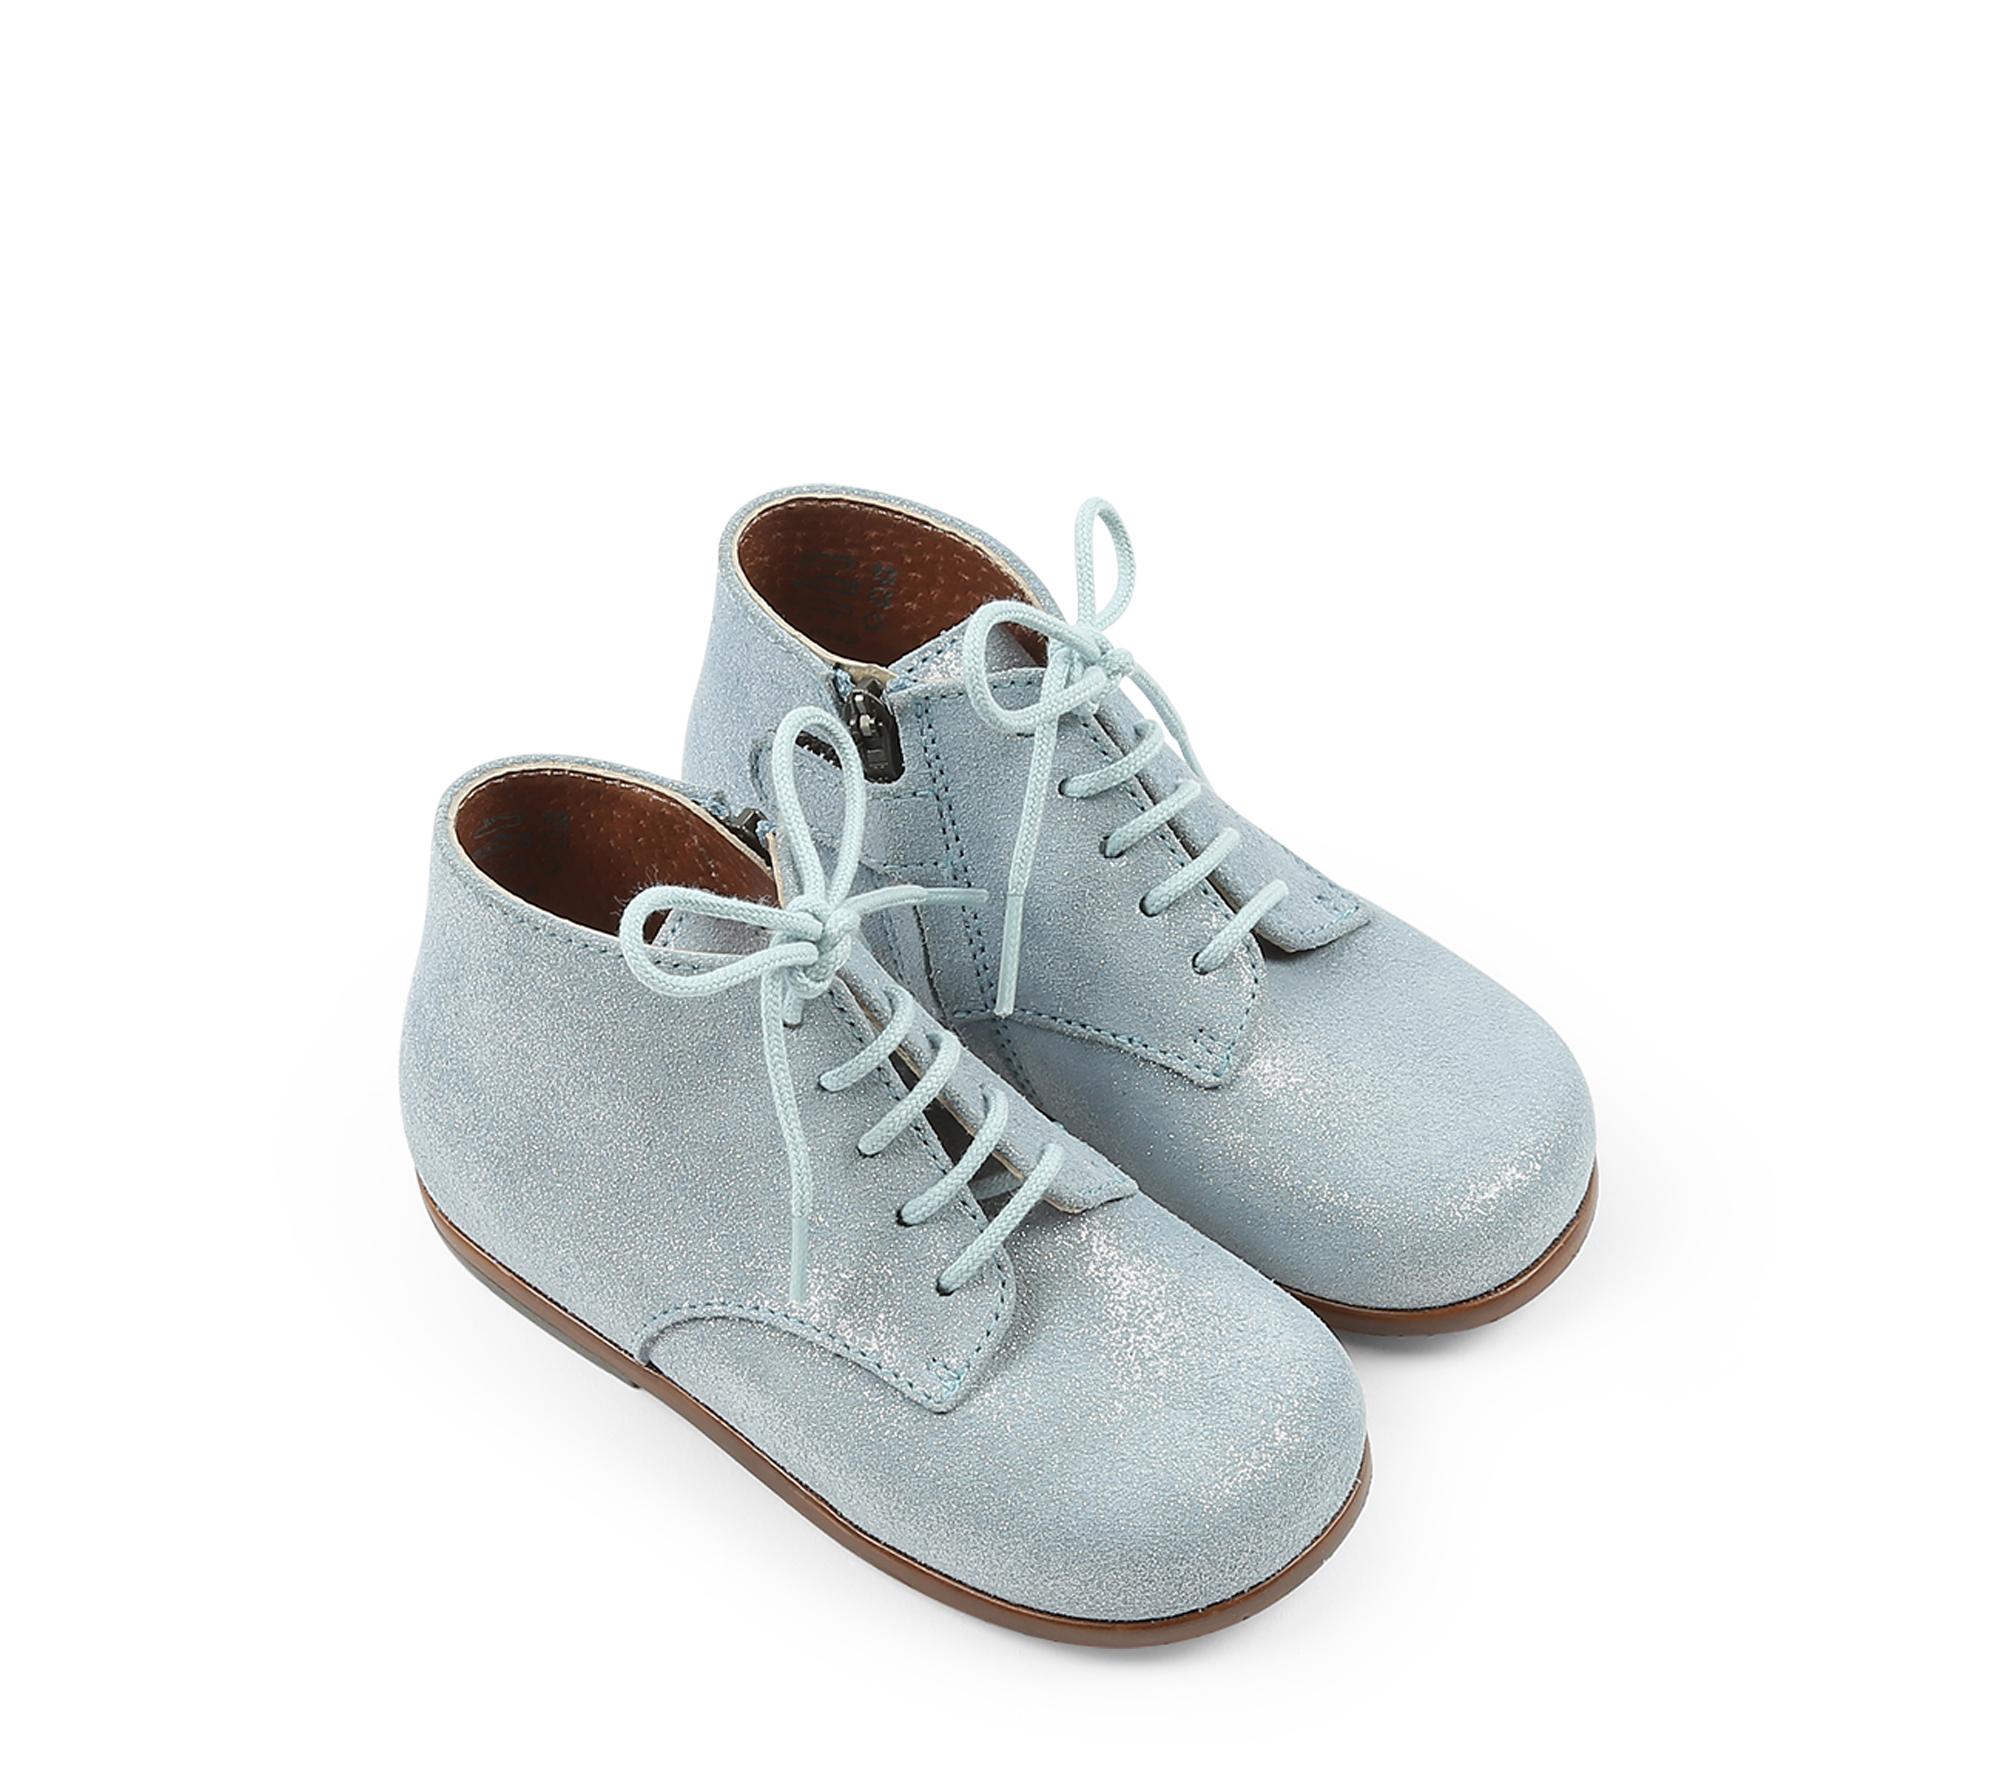 c208a38b0f43b Chaussures enfant   bébé